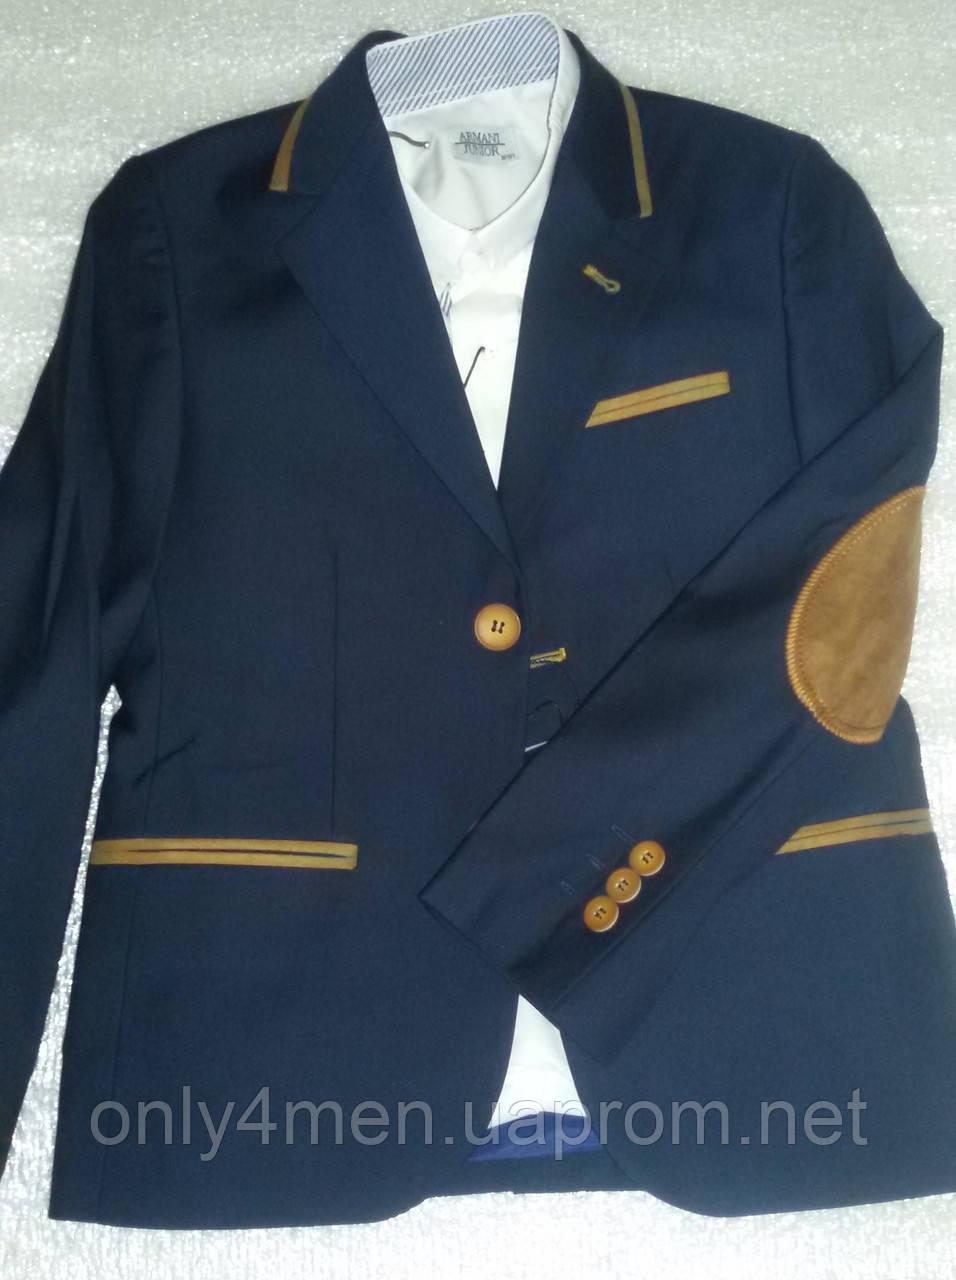 Піджак шкільний для хлопчика трикотажний з латками.Туреччина. Розмір 122-128